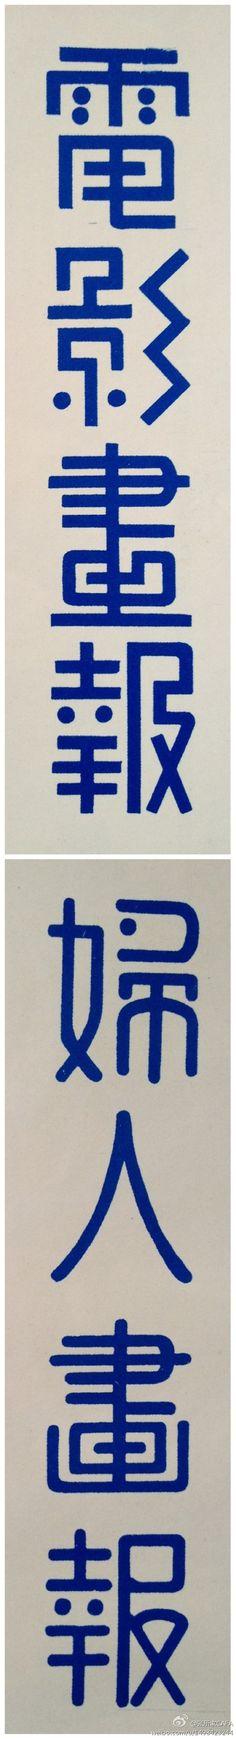 民国年间的字体设计